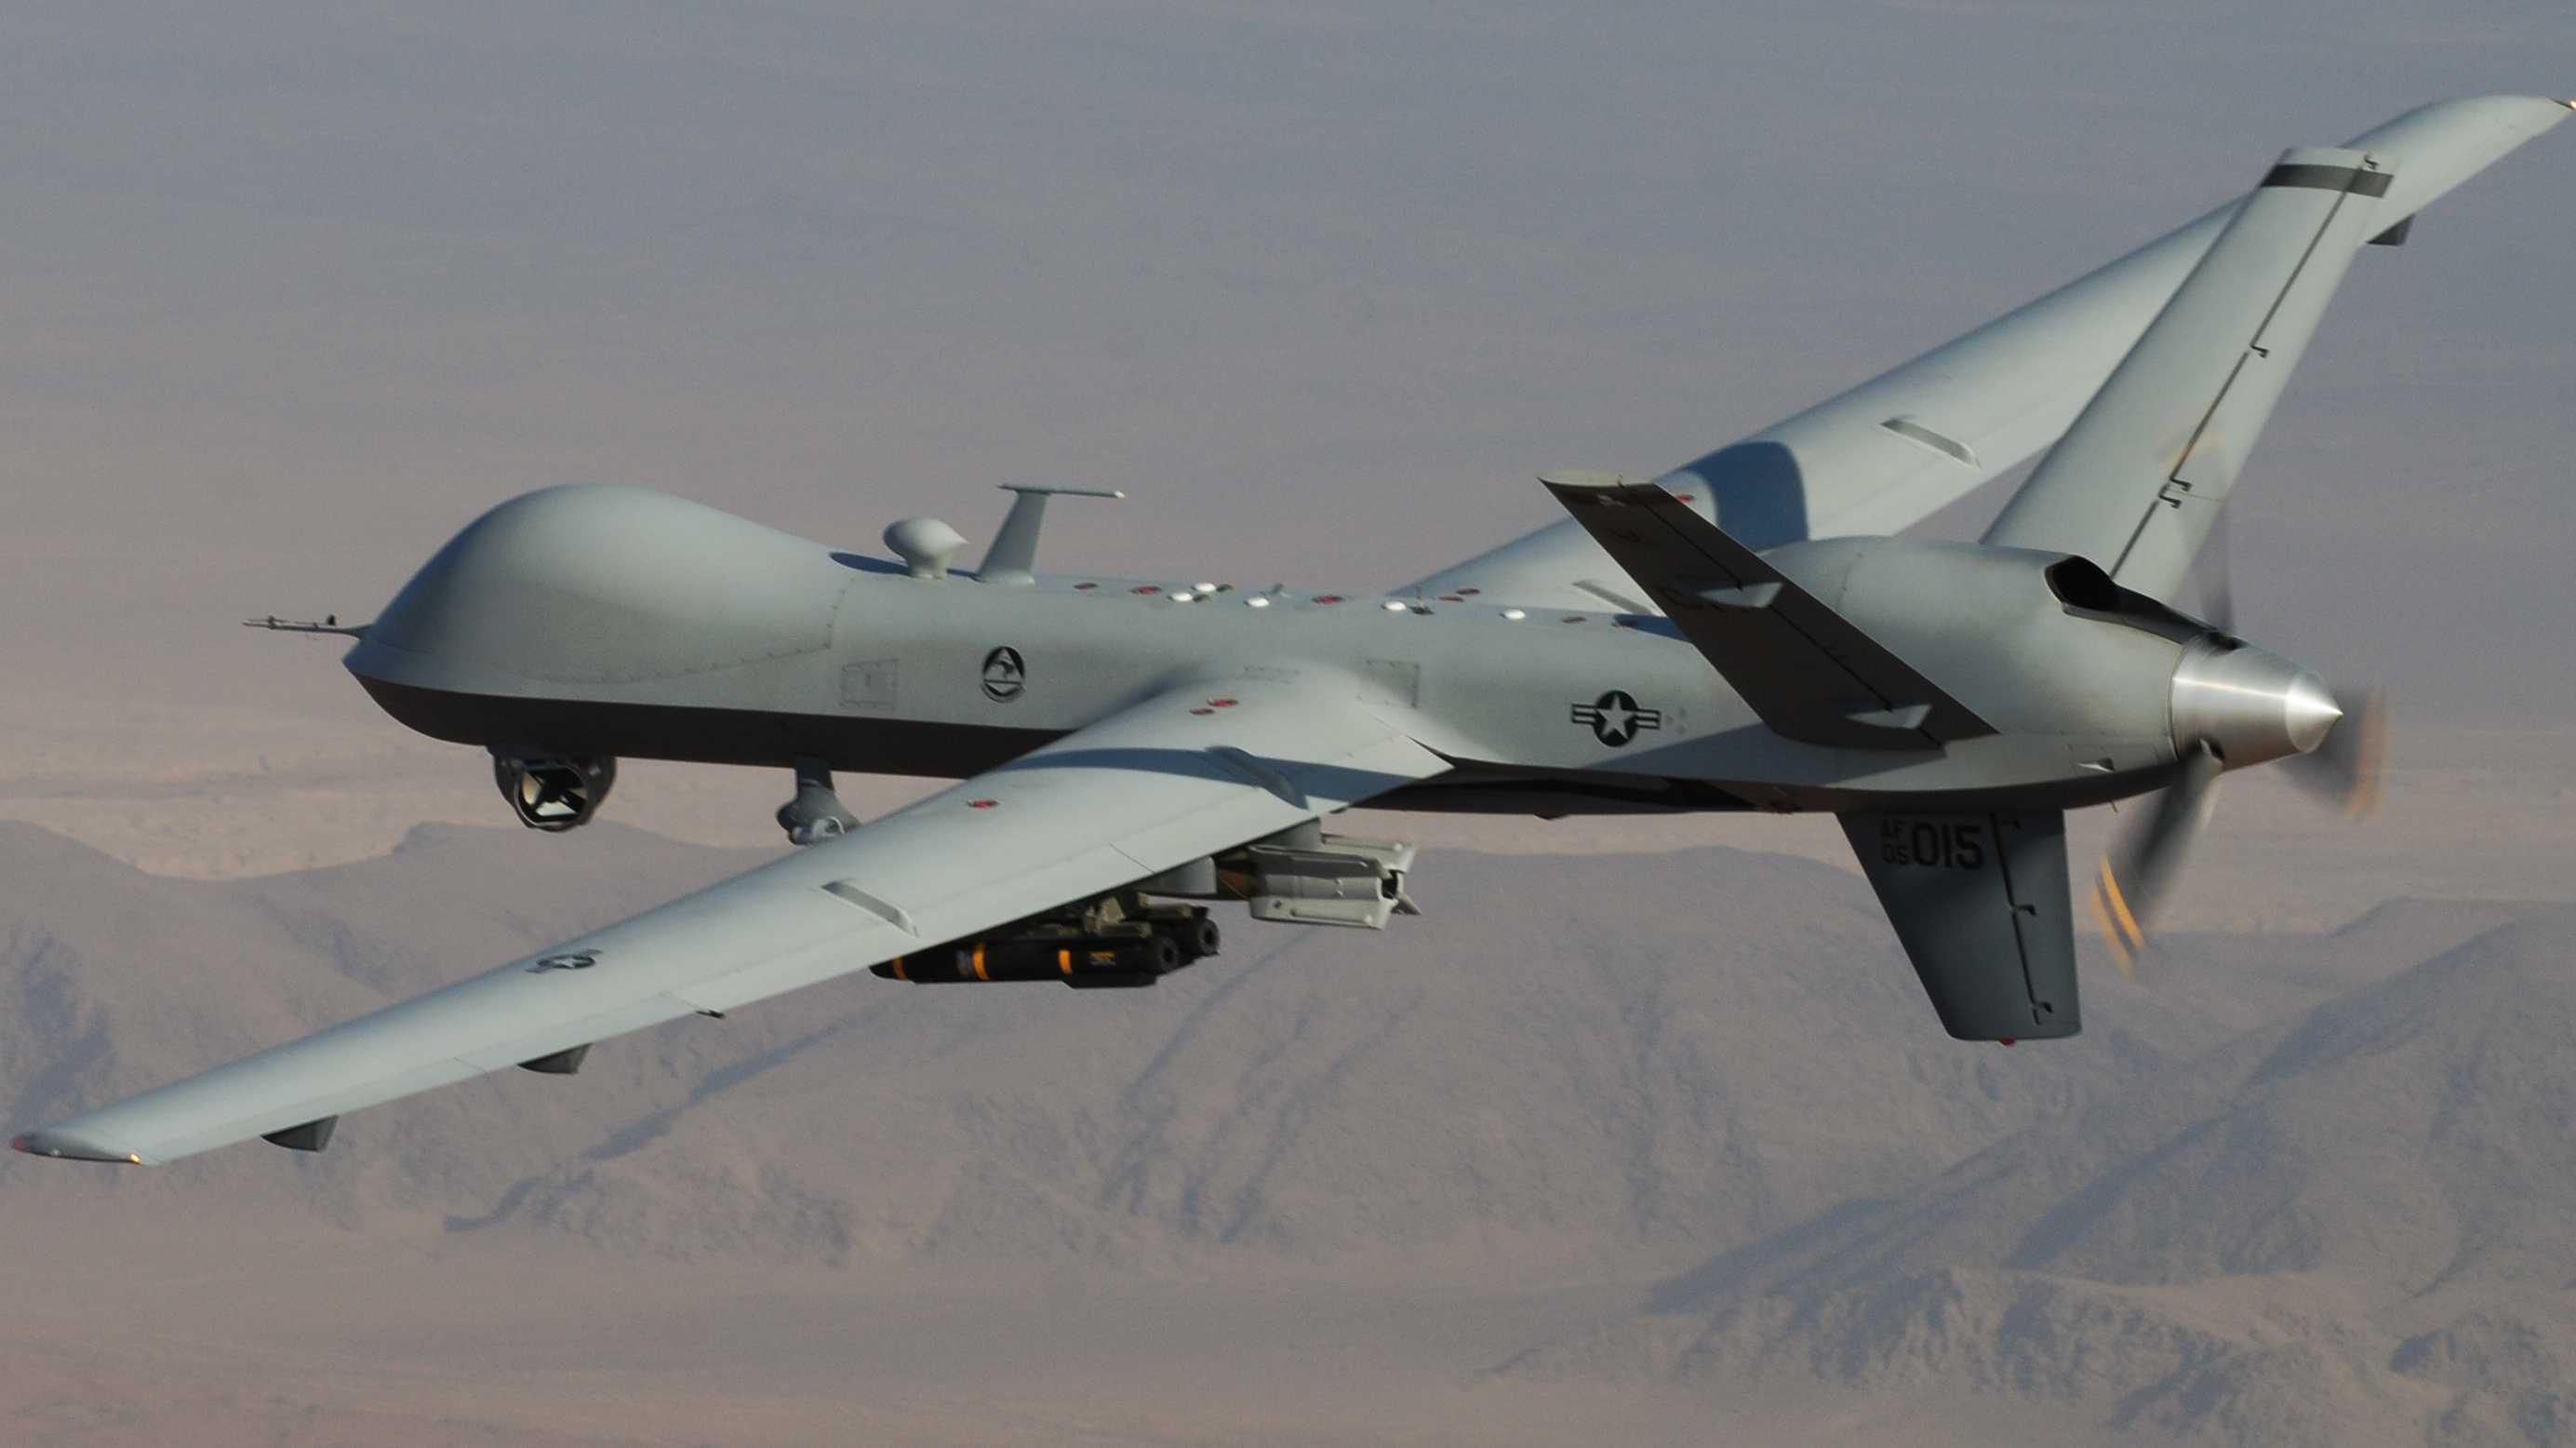 Drohne MQ-9 Reaper, bewaffnet mit  lasergesteuerten Bomben (Paveway II) und Hellfire-Raketen (AGM-114)